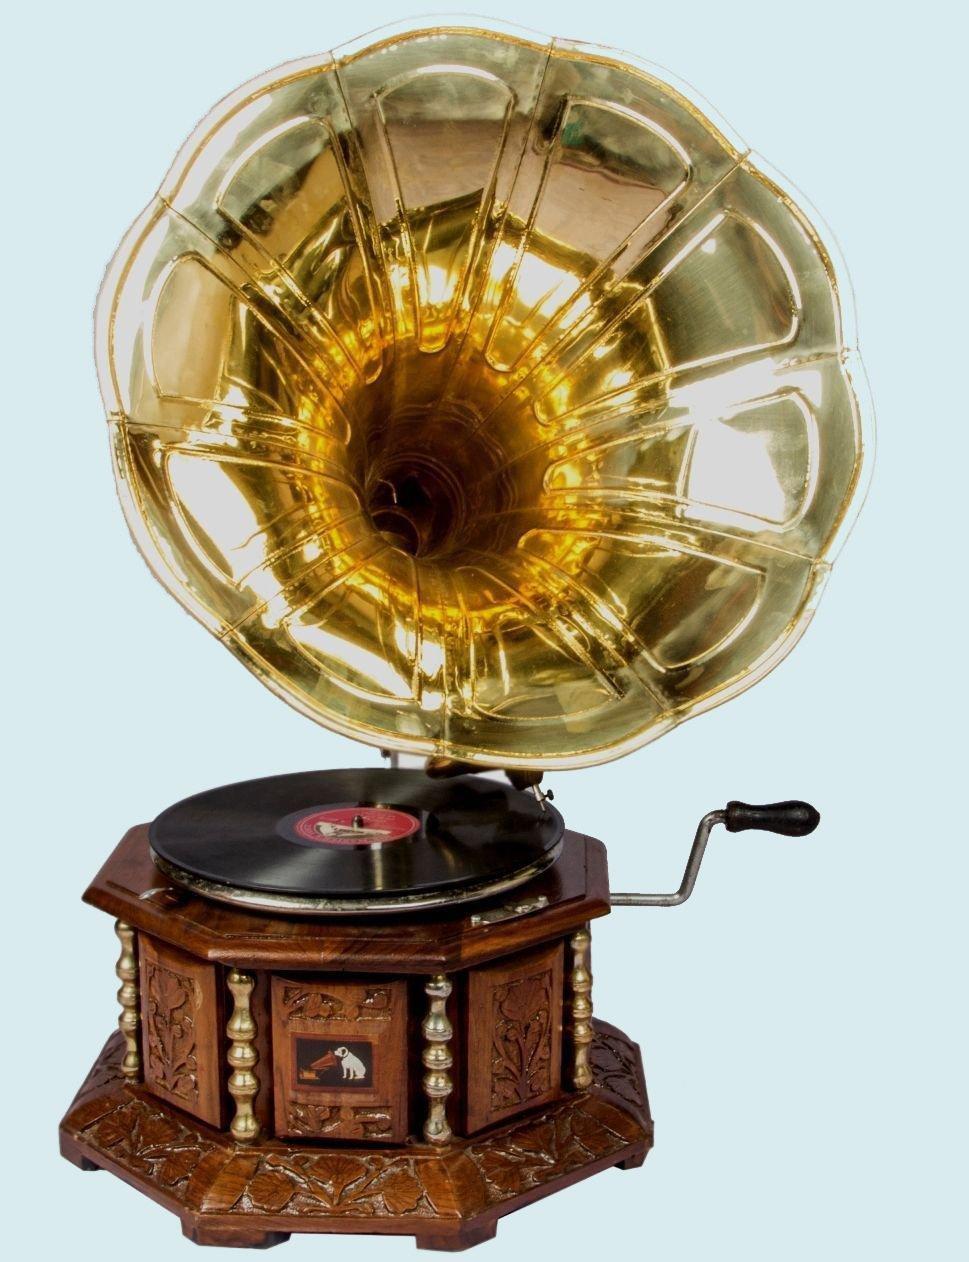 新しいエルメス 骨董品Worldヴィンテージ8 Phonograph Side HMVアンティーク真鍮Gramaphone古い音楽Winding Phonograph B073SZWZ41 awusahb Side 020 B073SZWZ41, フッサシ:f5f81975 --- mrplusfm.net